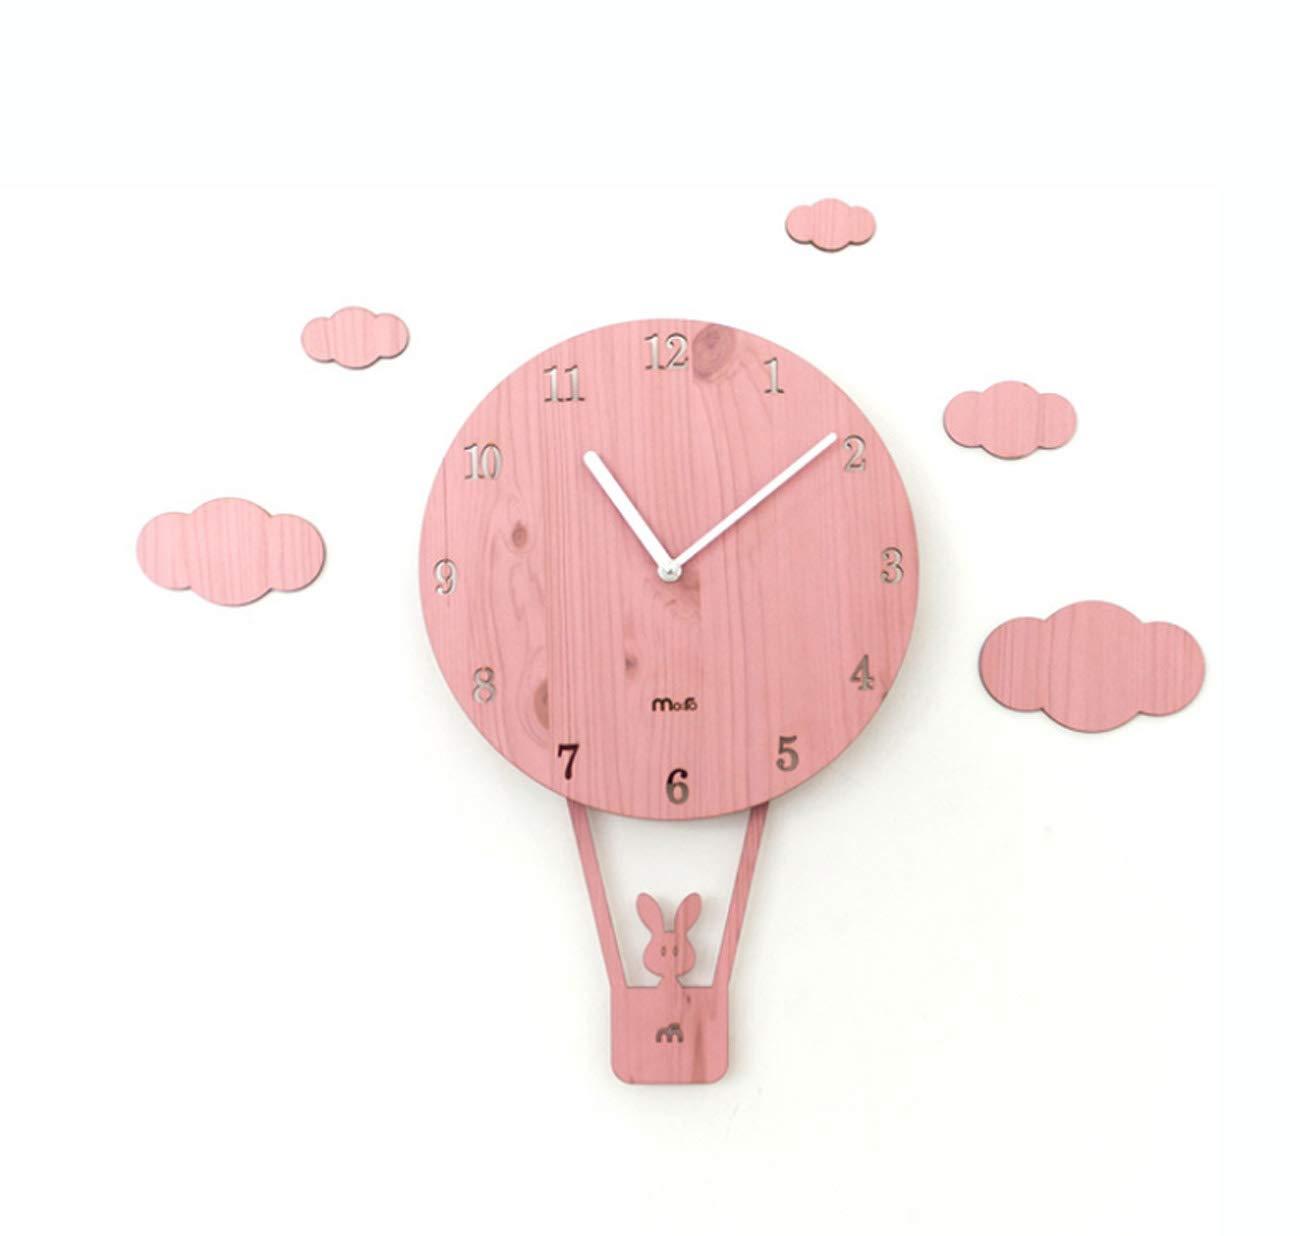 Tochange Cartoon Swing Wanduhr, Persönlichkeit Nette Stille Wanddekorationen Kunst Uhr Für Kinderzimmer Kindergarten Ornament (26  40 cm) (Farbe   Rosa)